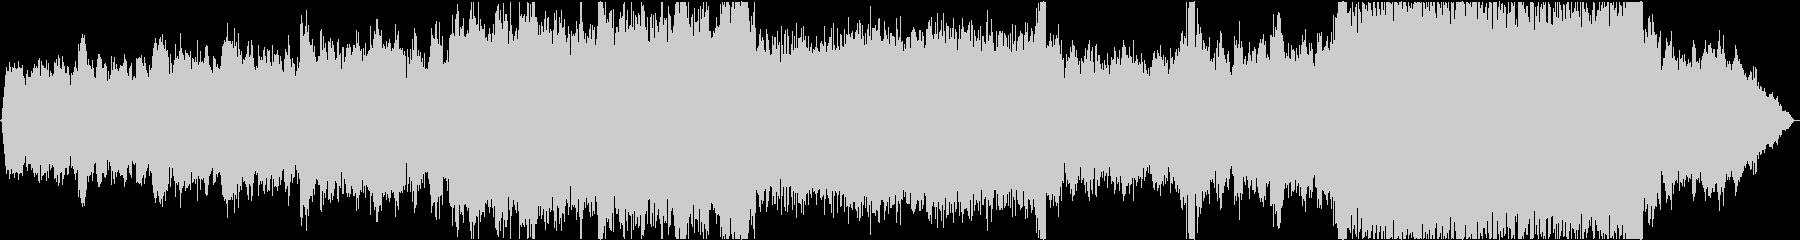 シンセによるテクスチャー系楽曲の未再生の波形